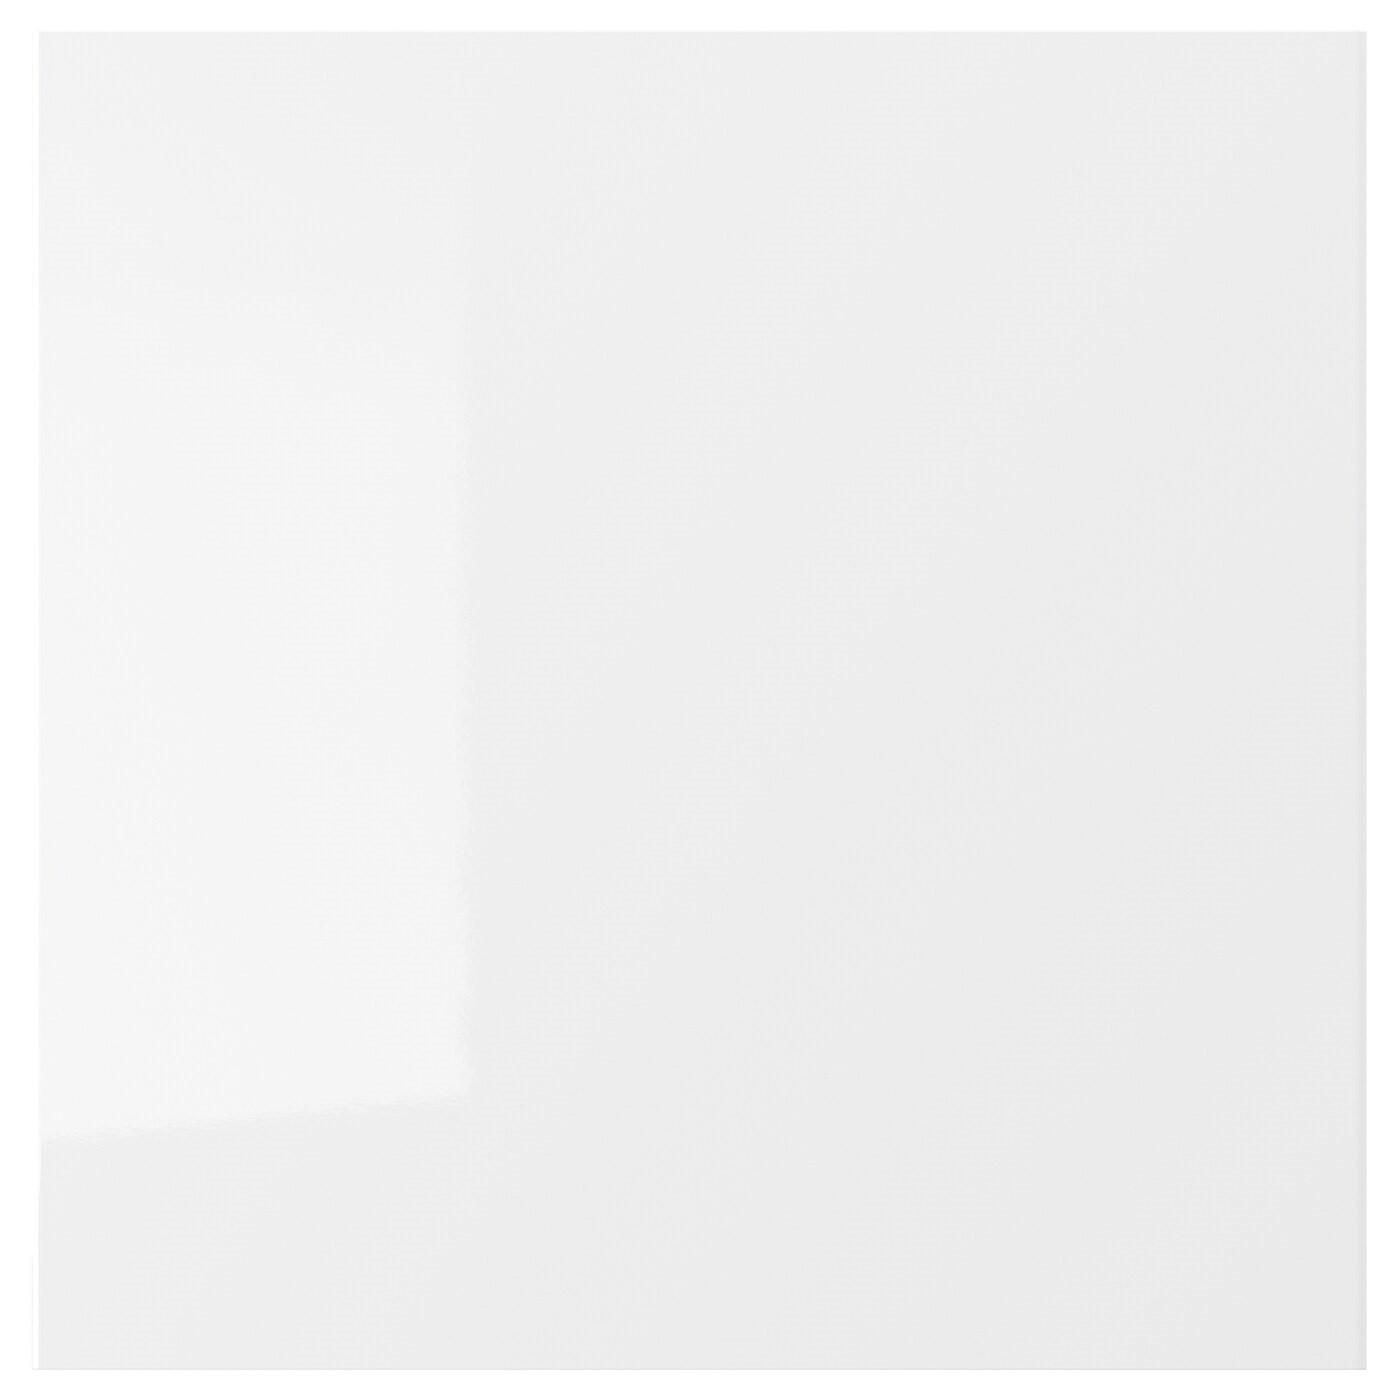 IKEA РИНГУЛЬТ Фронтальная панель ящика, глянцевый белый, 40x40 см 802.050.88